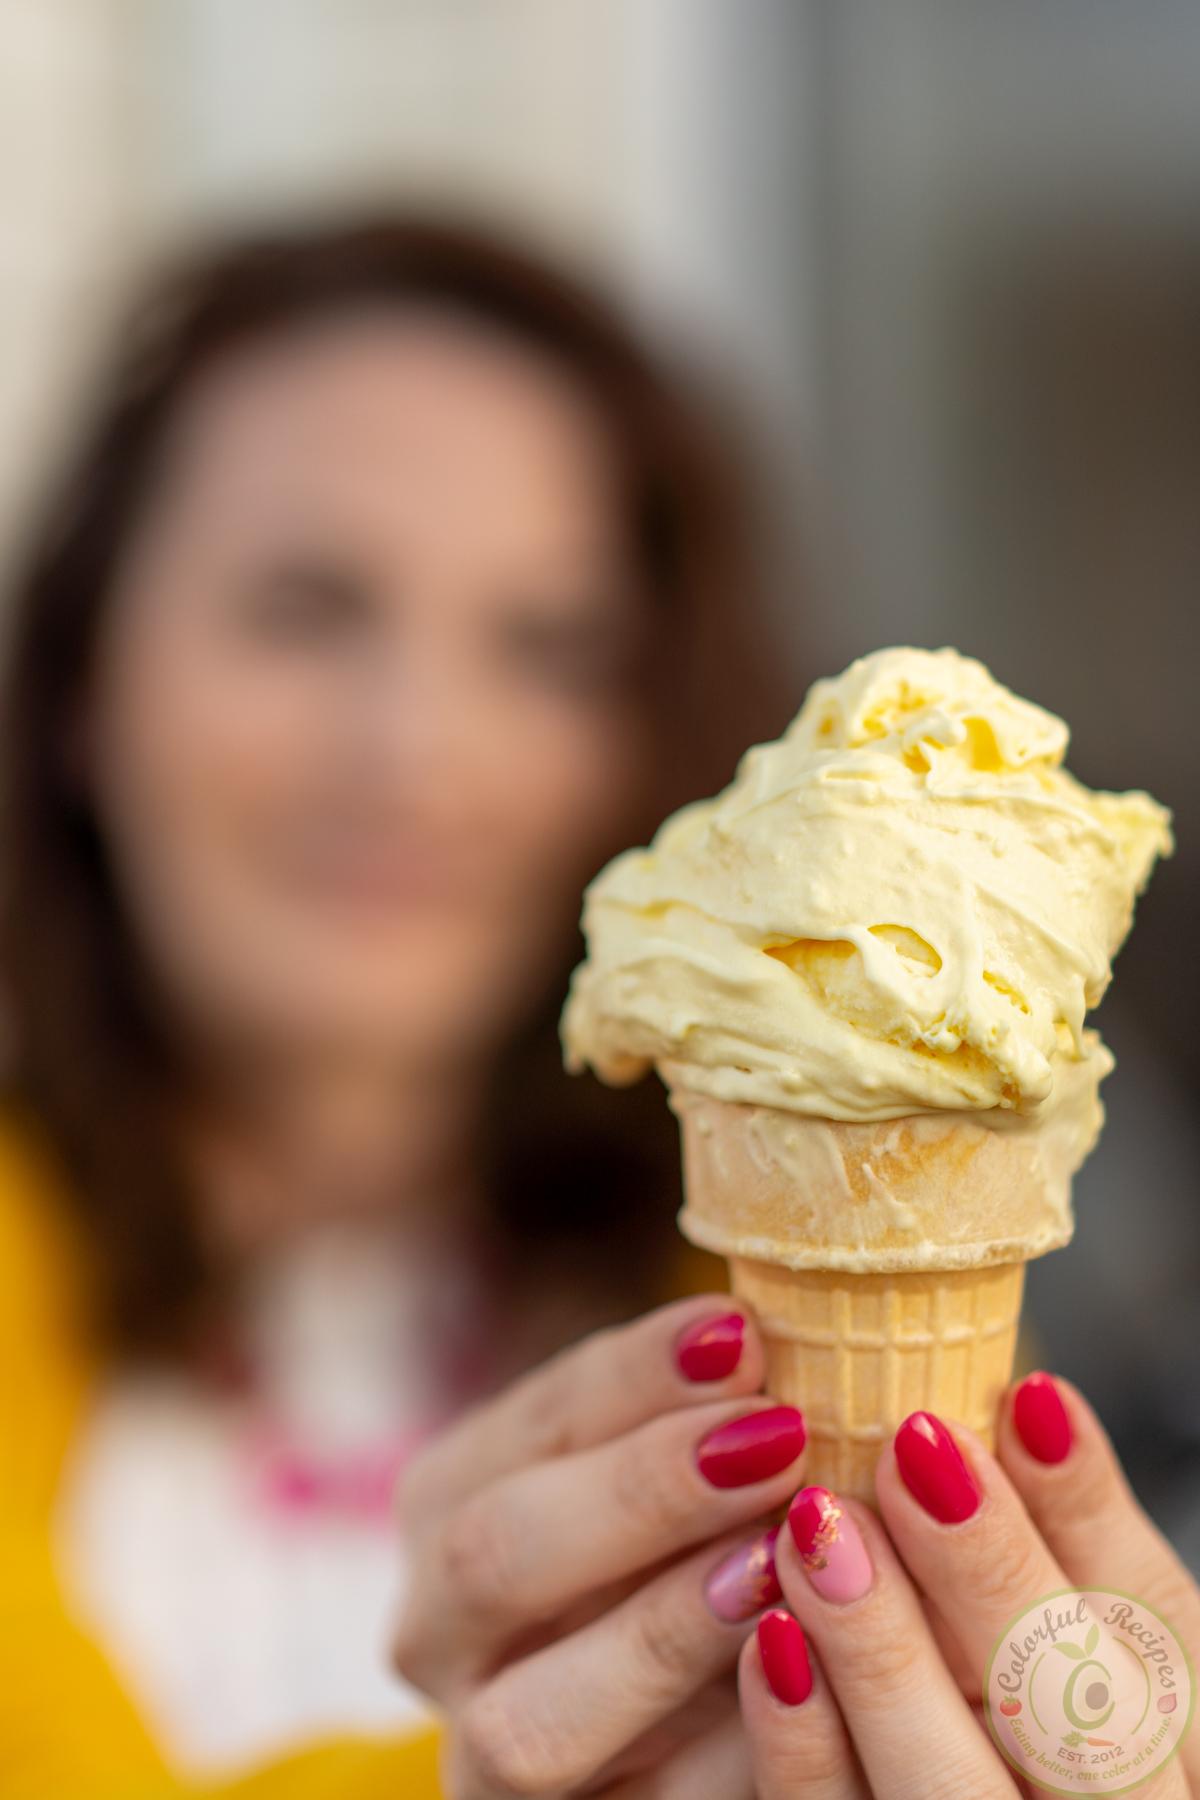 Ice cream zesty creamy stretchy